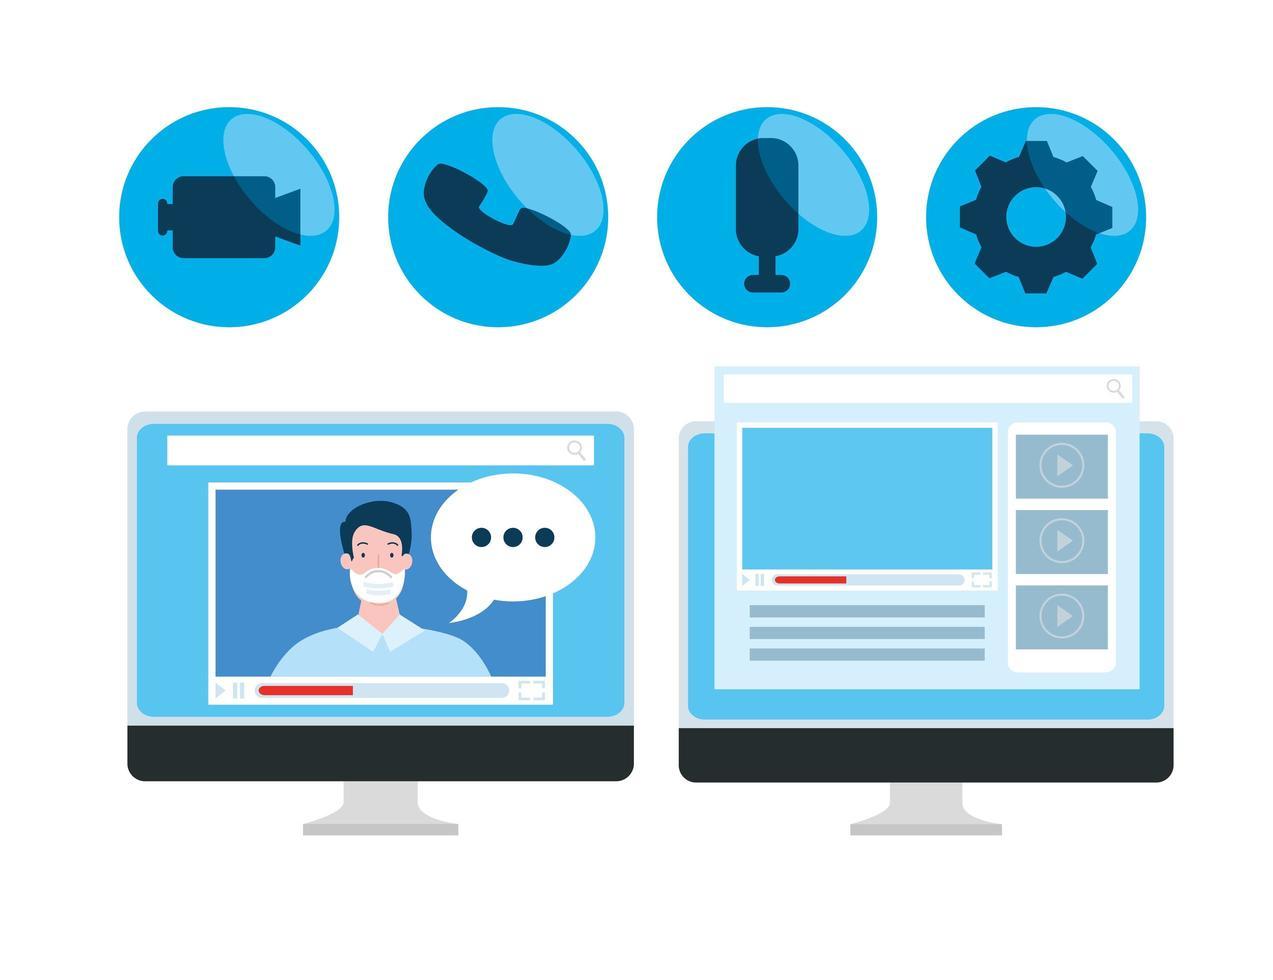 online-utbildningsteknik med datorer och ikoner vektor